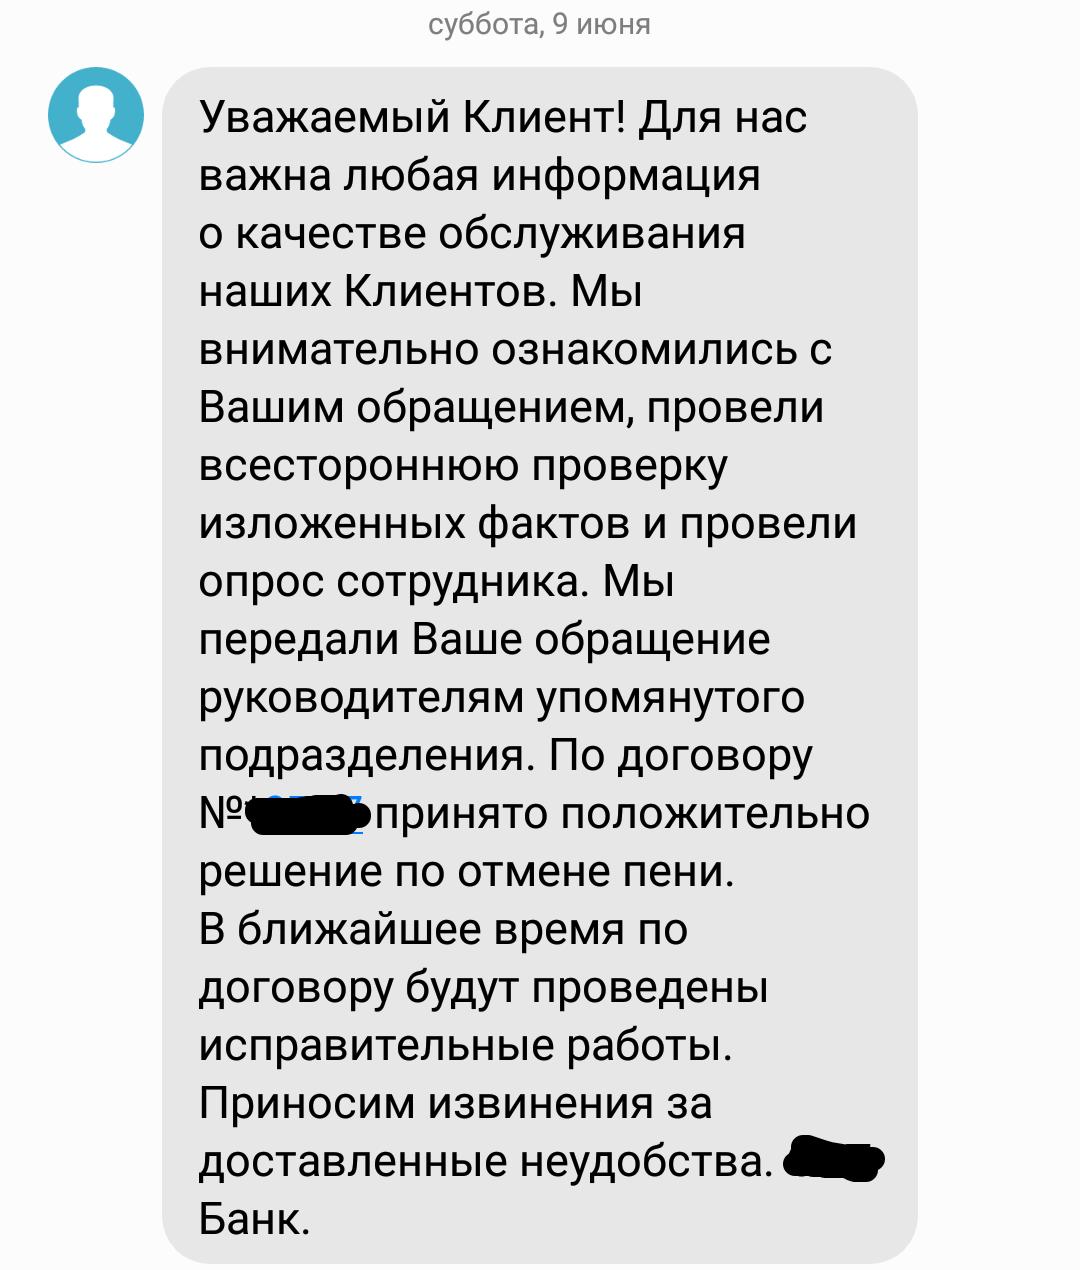 мини кредит красноярск нм карту